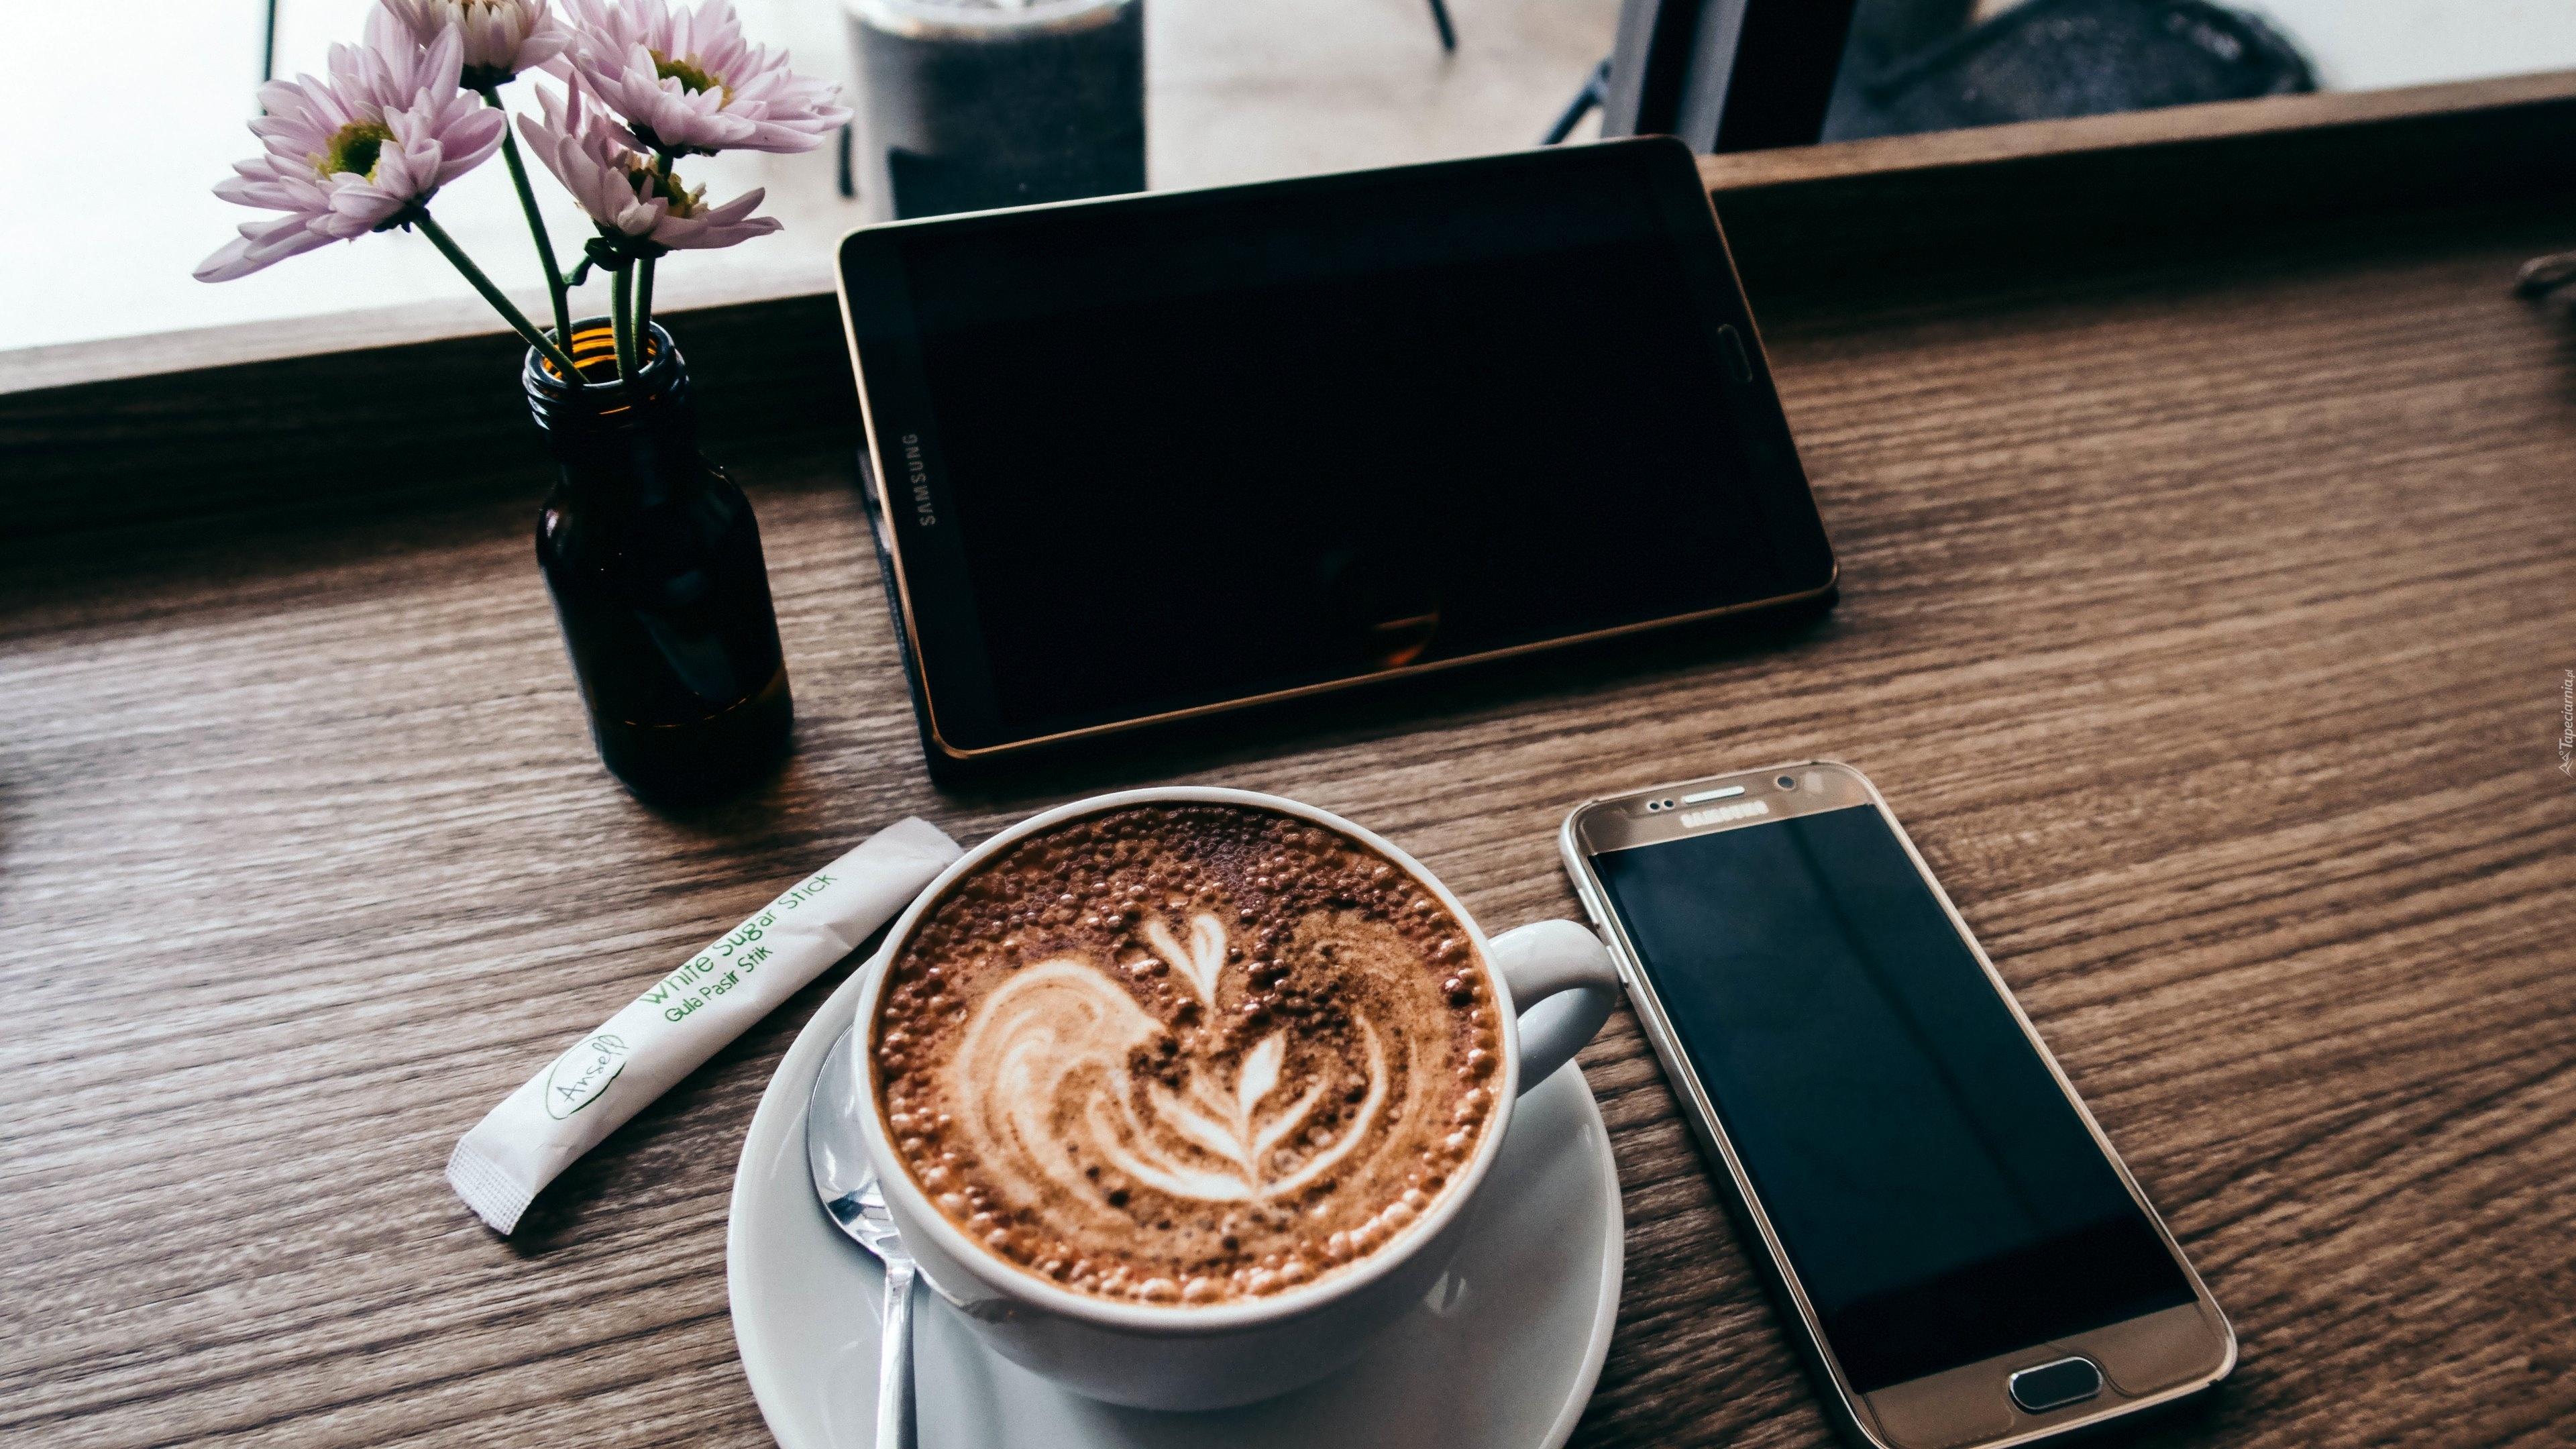 Przerwa na kawę pozytywnie wpływa na efektywność pracy